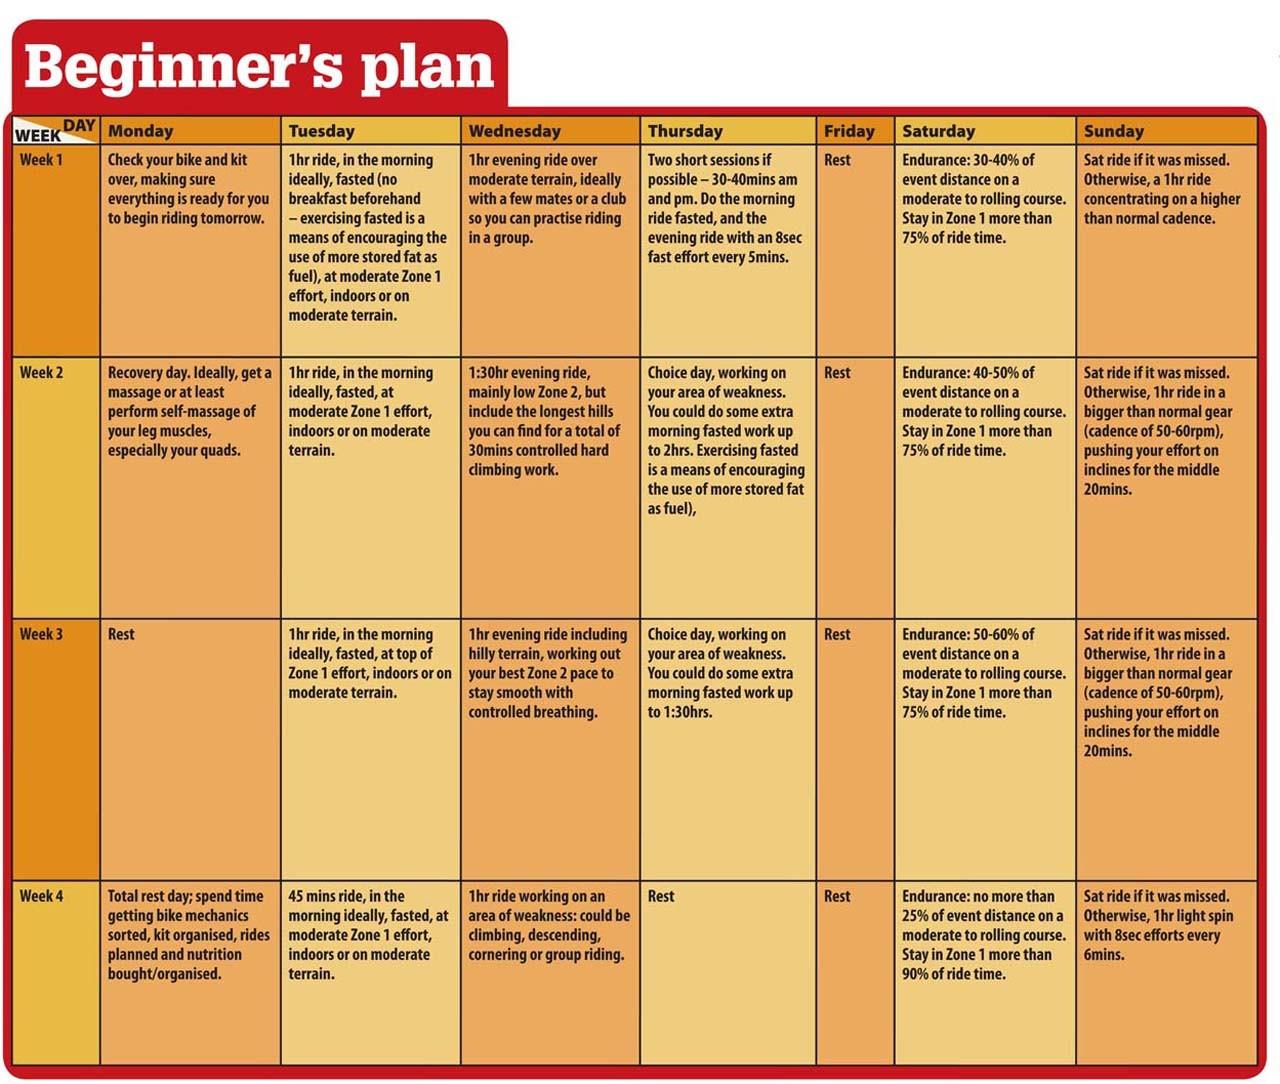 Beginner's plan